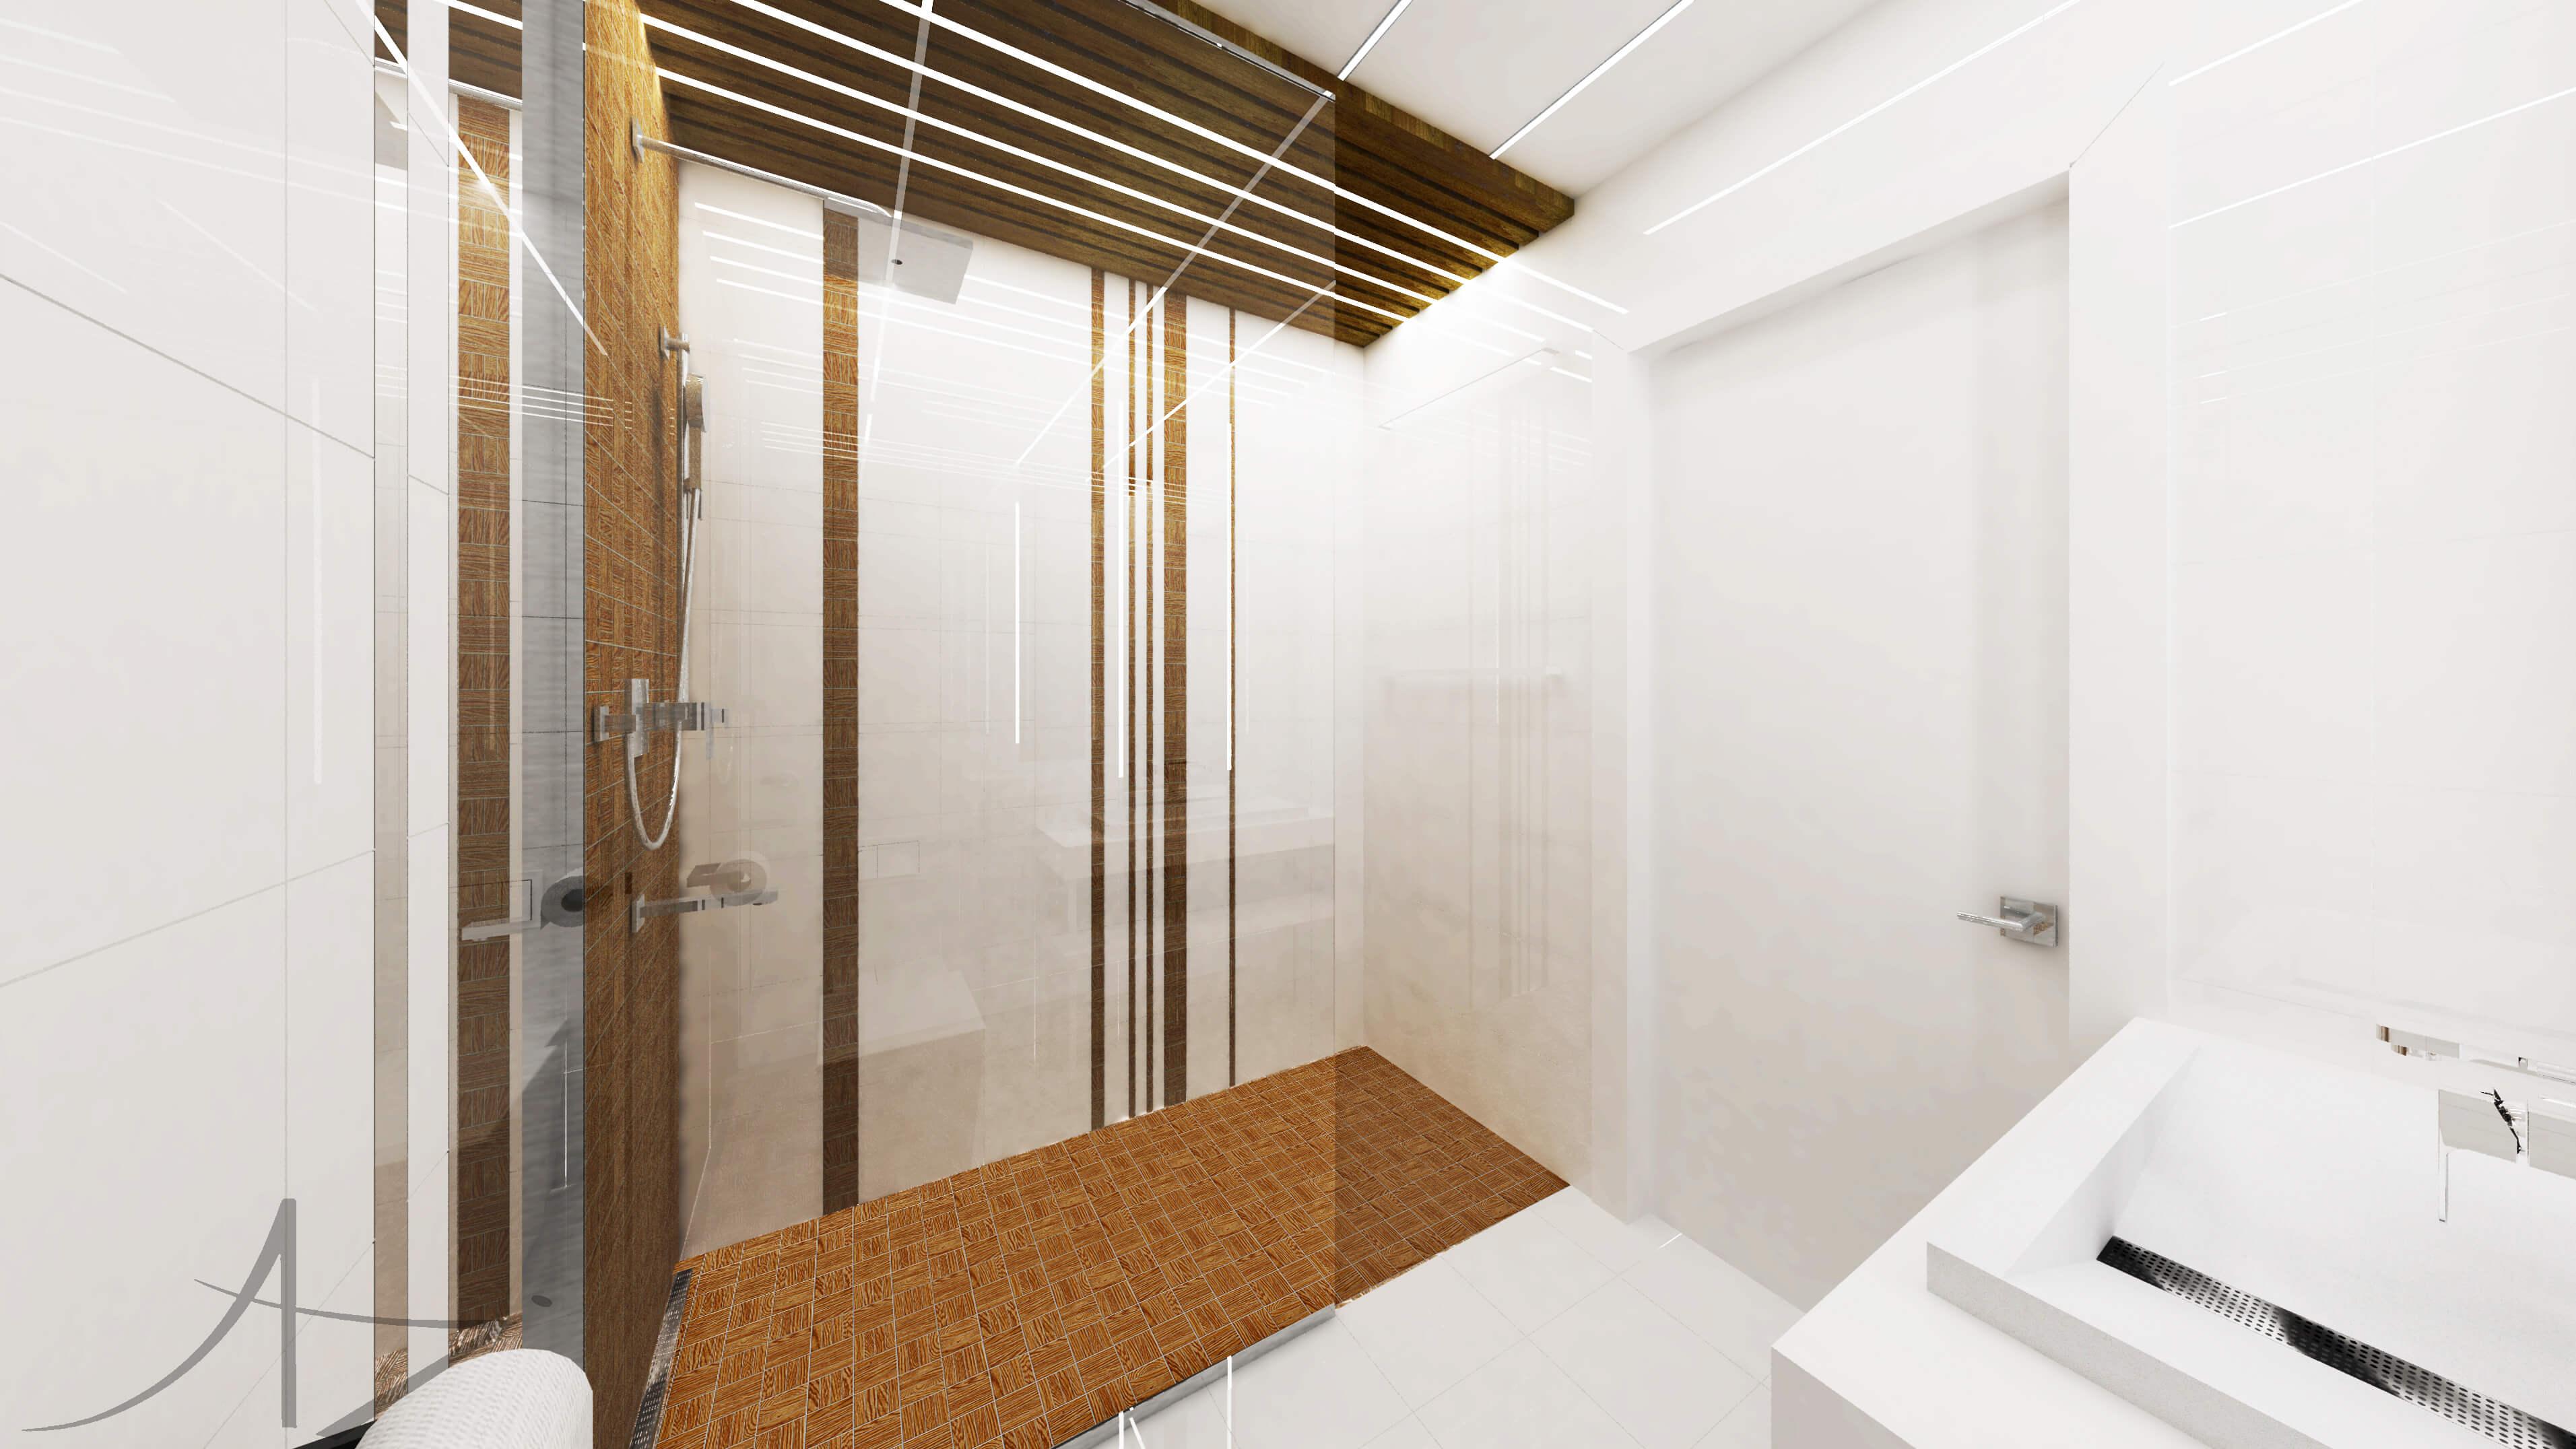 Projekt wnętrza - łazienka - Gdynia, Gdańsk, Sopot, Trójmiasto, Koszalin